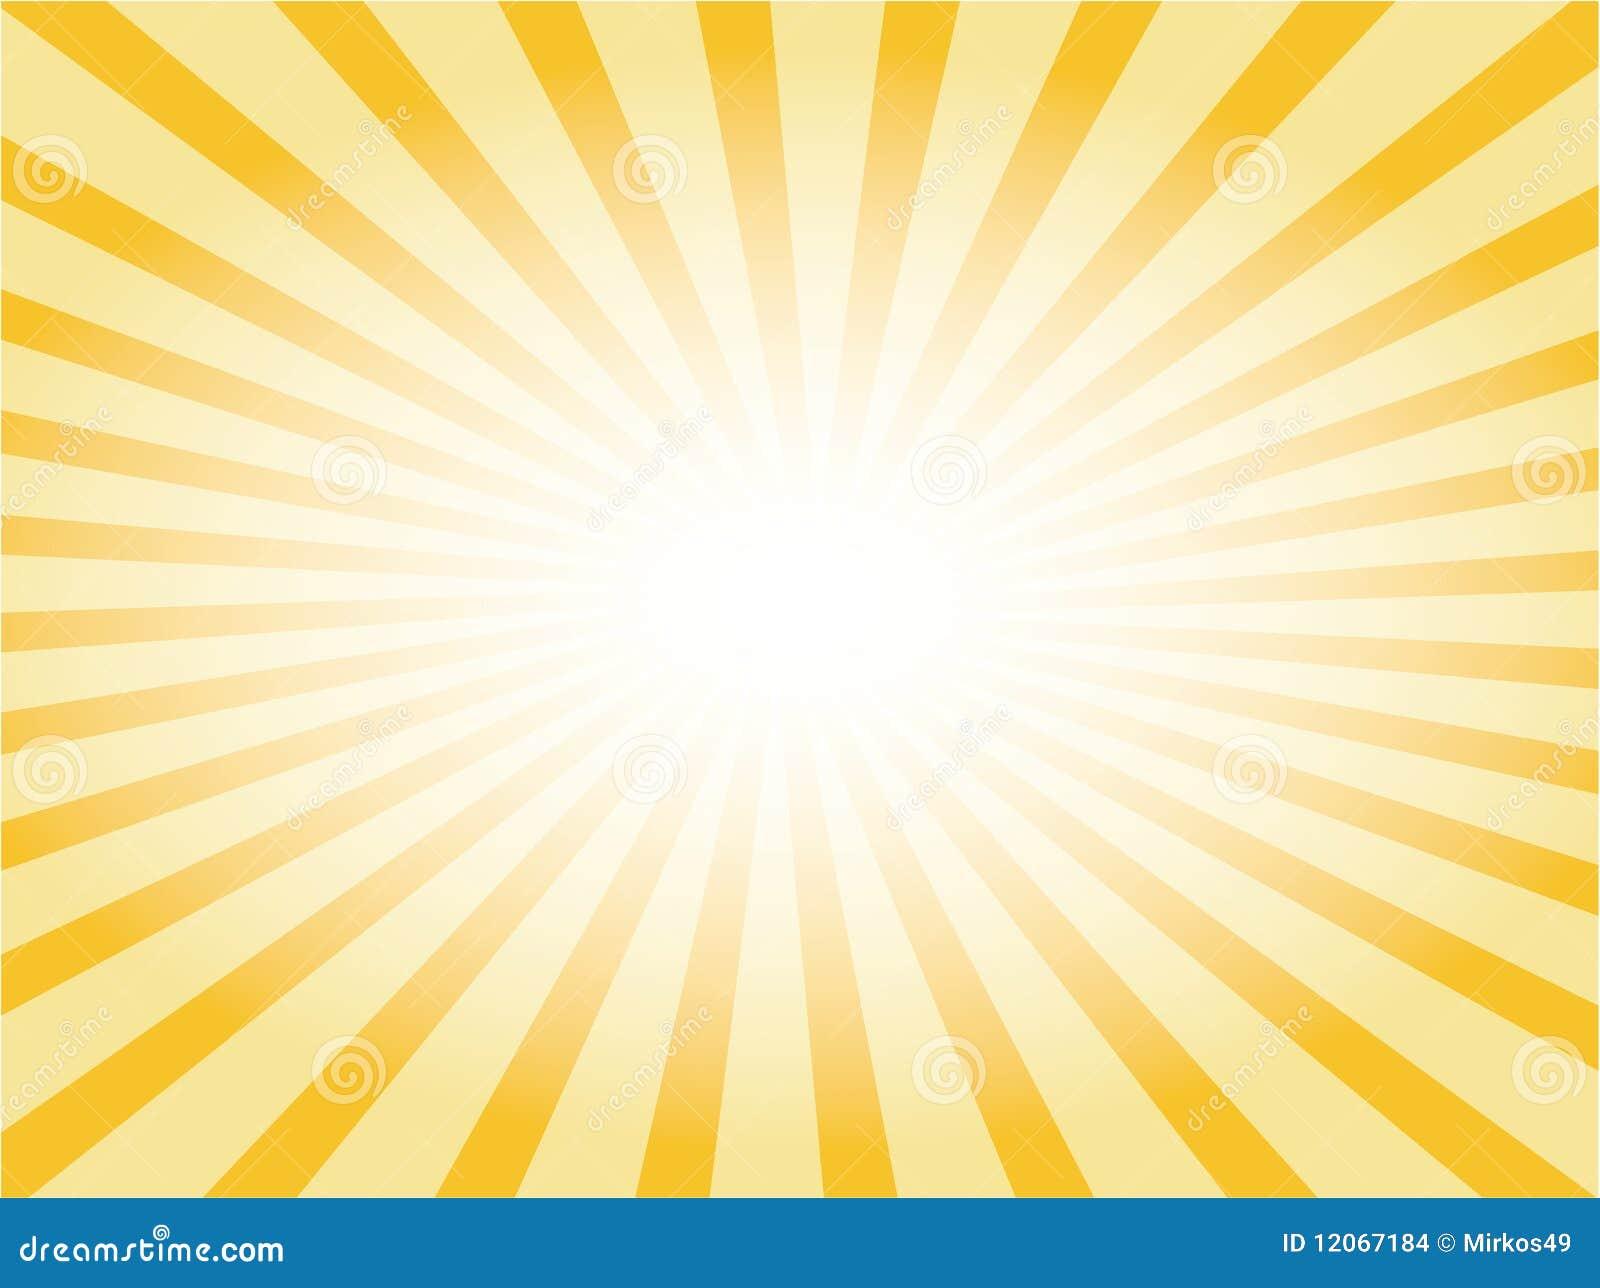 rayon de soleil de vecteur illustration stock